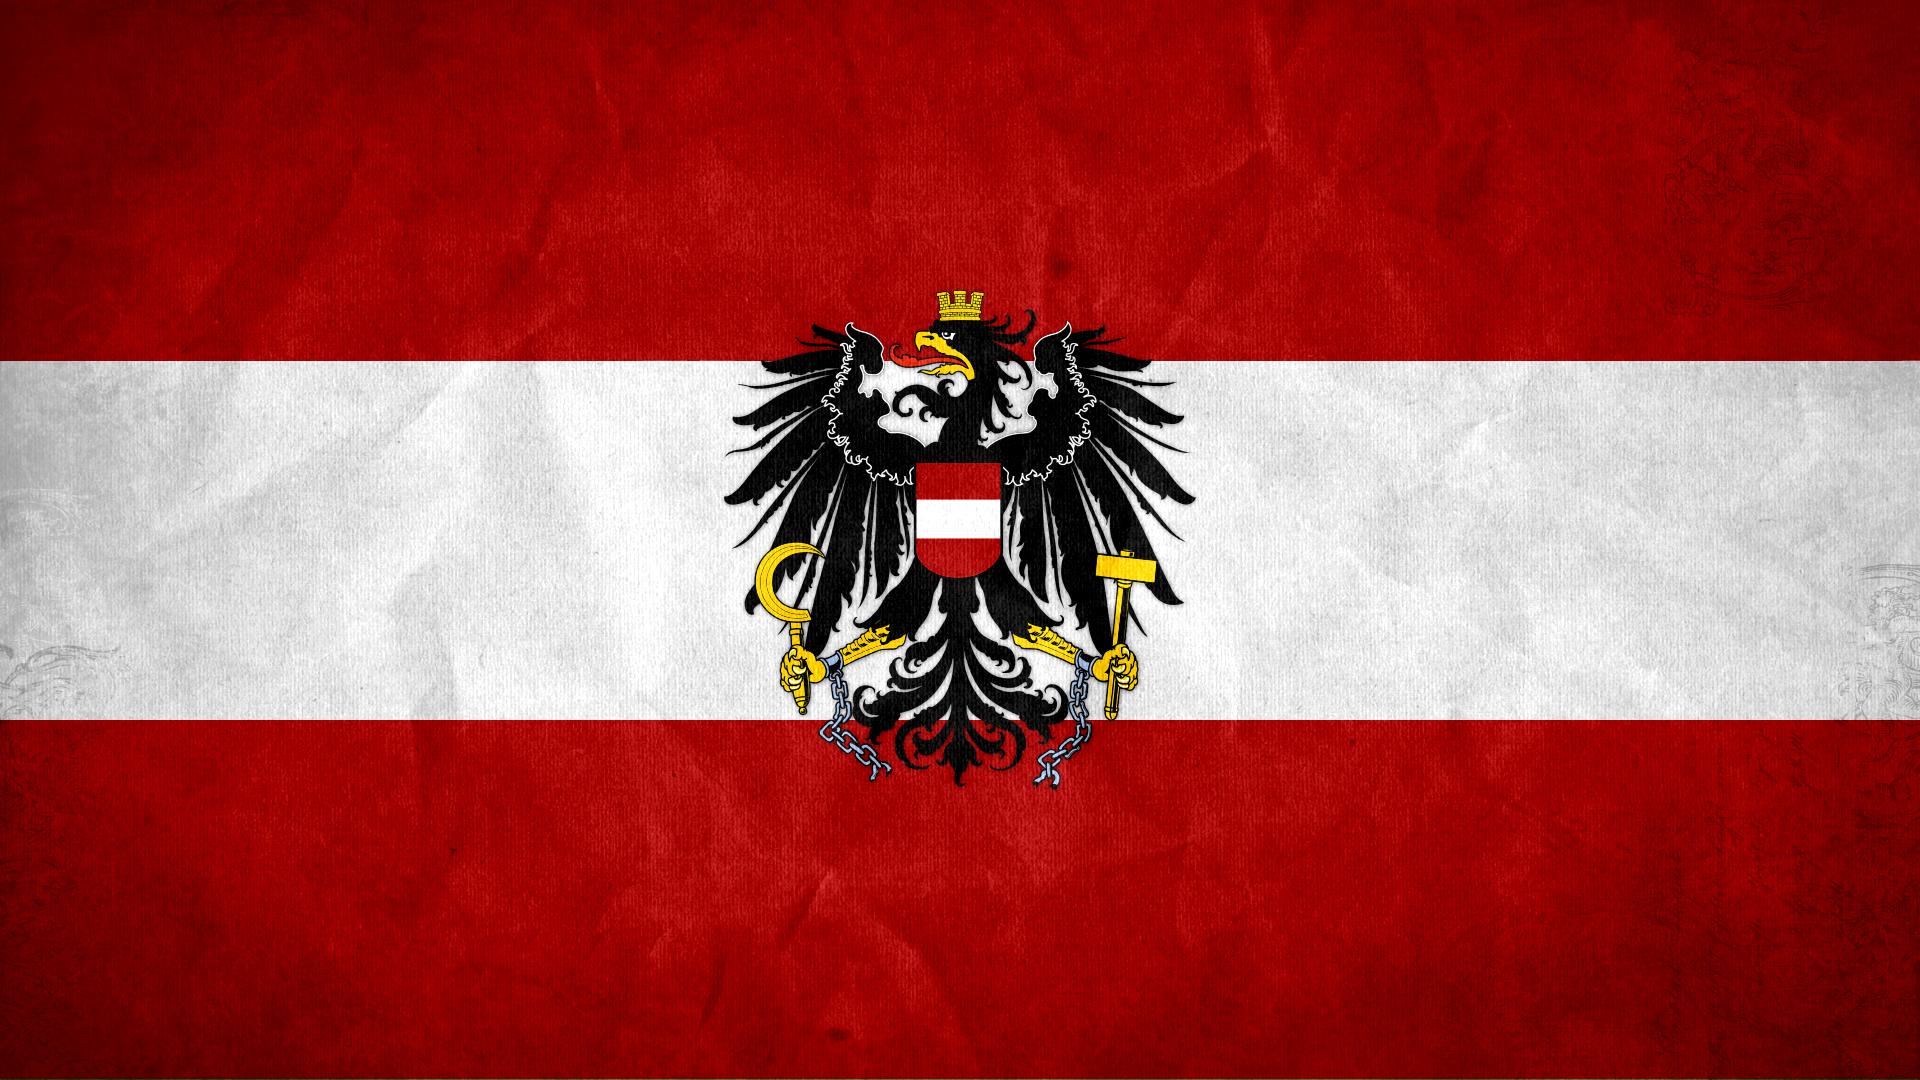 flag desktop background - photo #31